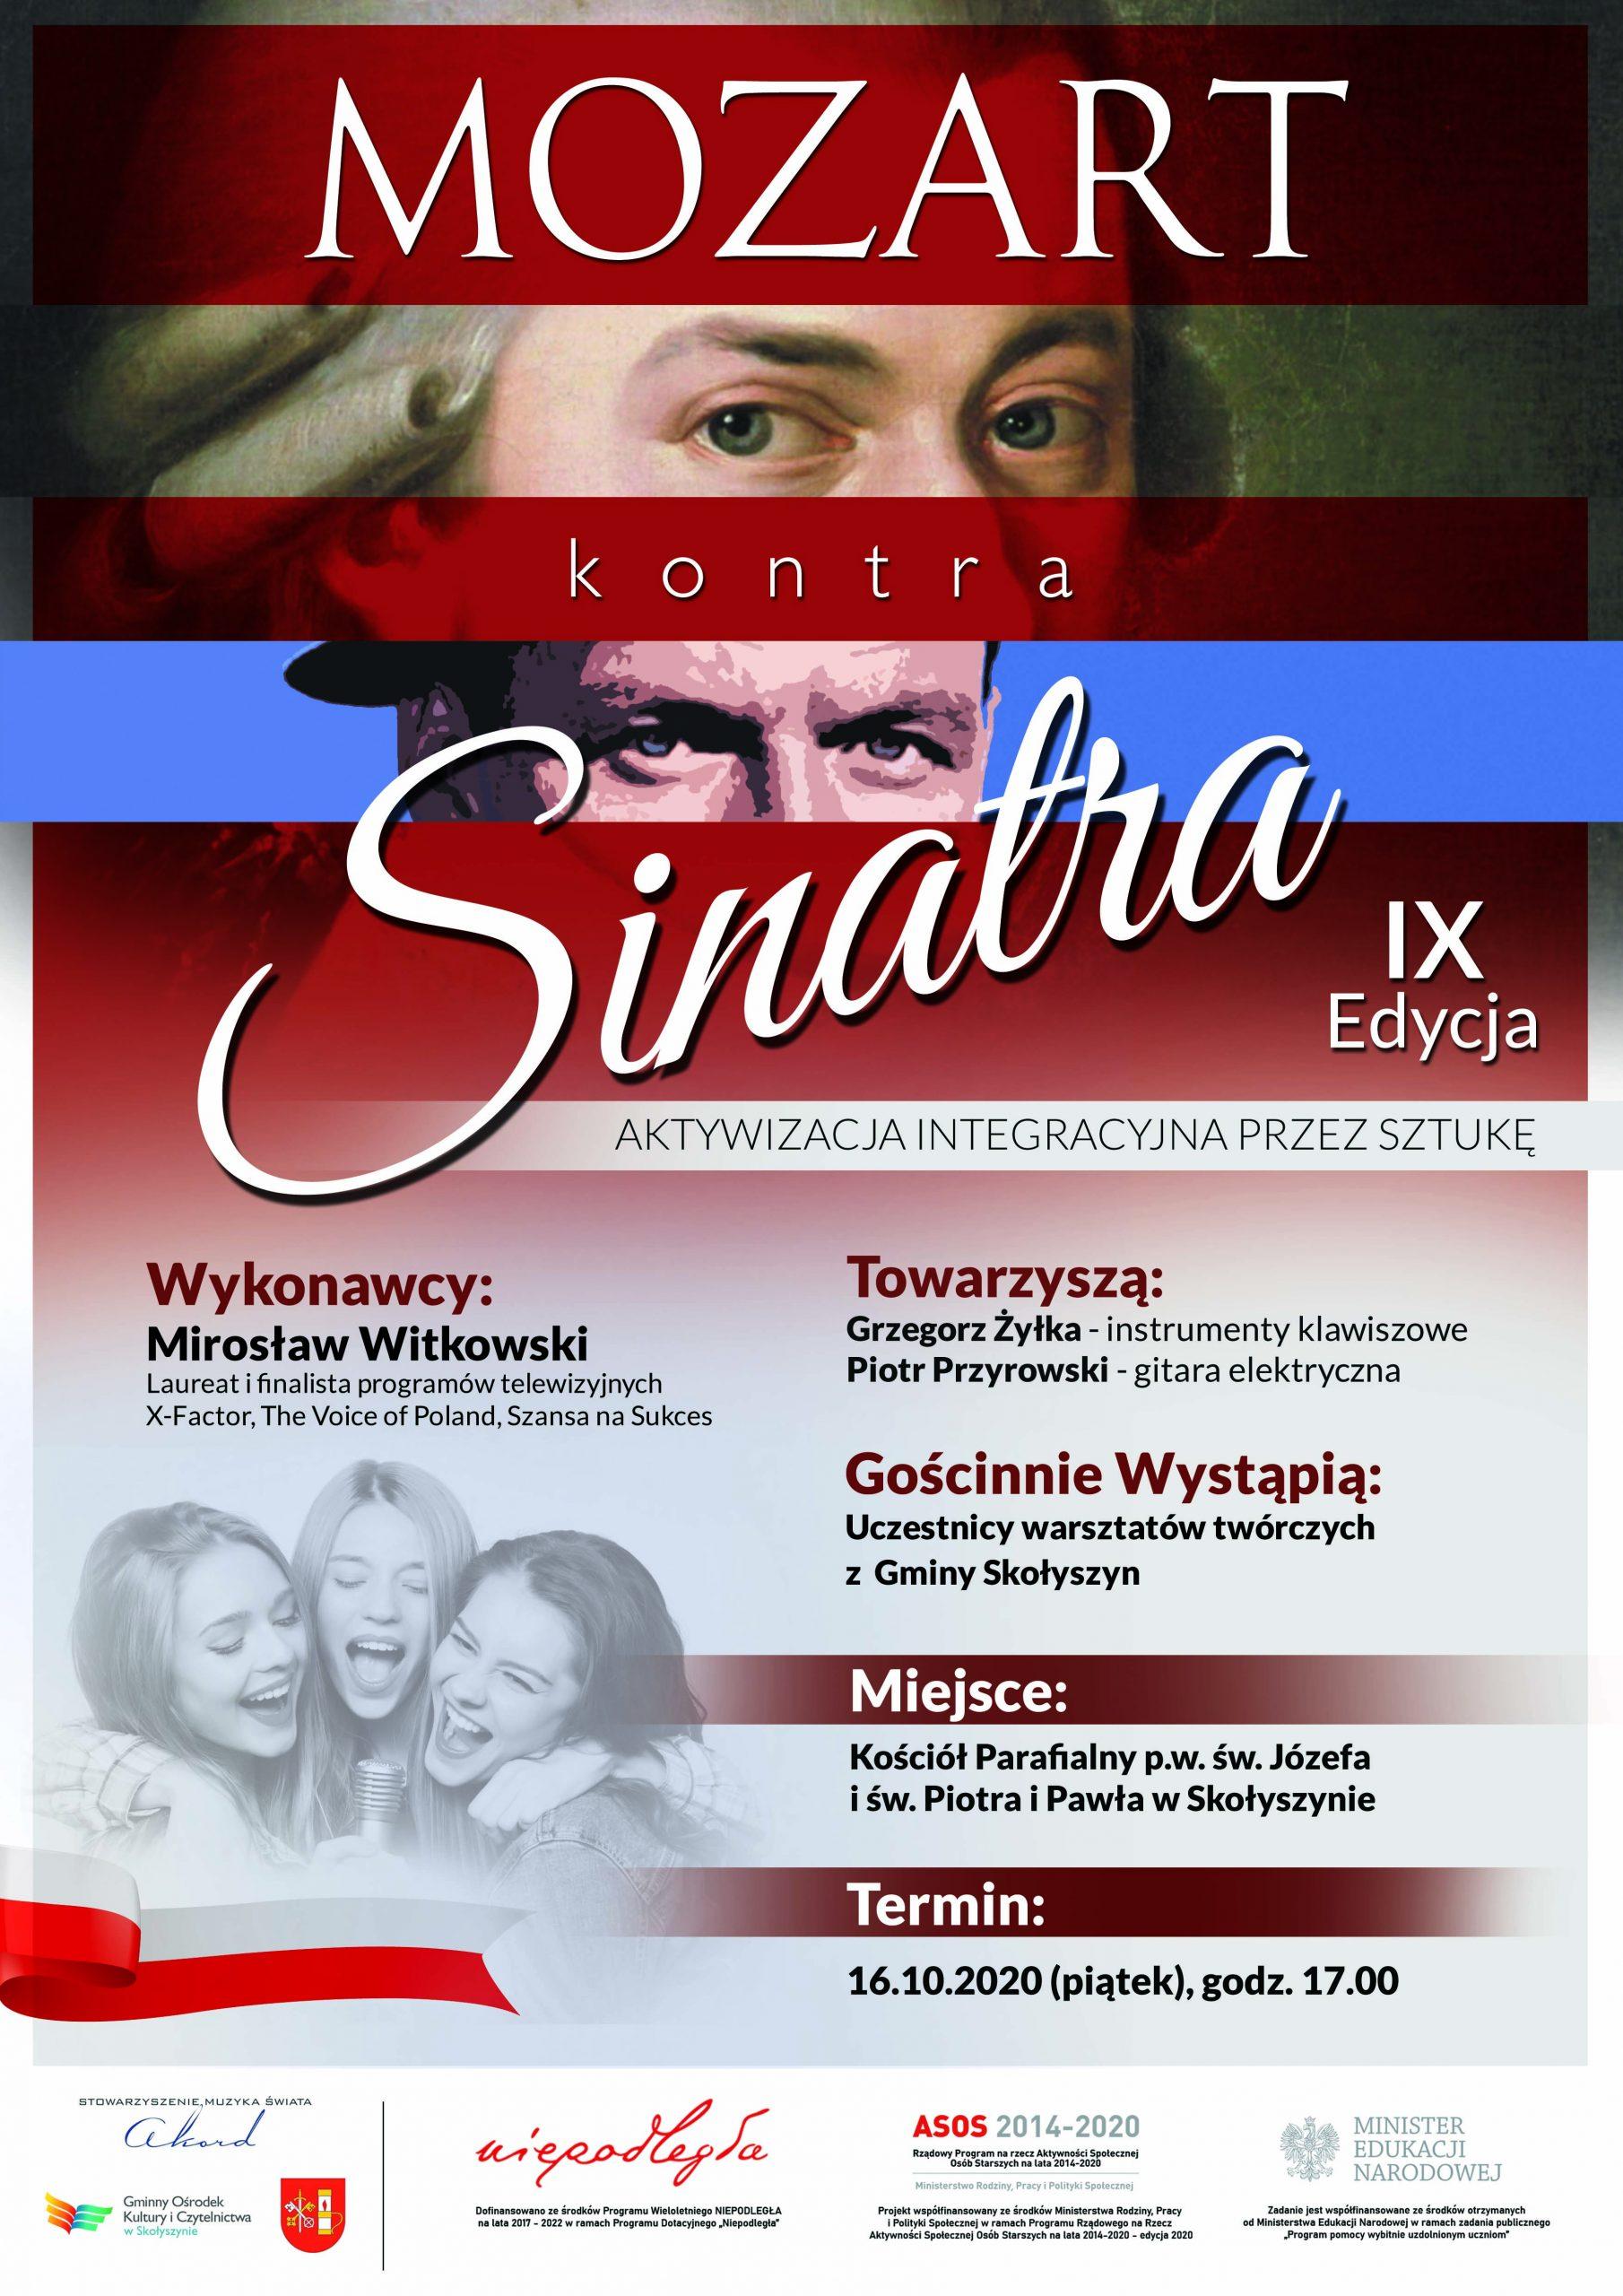 """Koncert galowy w ramach projektu """"Mozart kontra Sinatra – Aktywizacja Integracyjna przez Sztukę"""" IX edycja - Niepodległa - stulecie odzyskania niepodległości"""